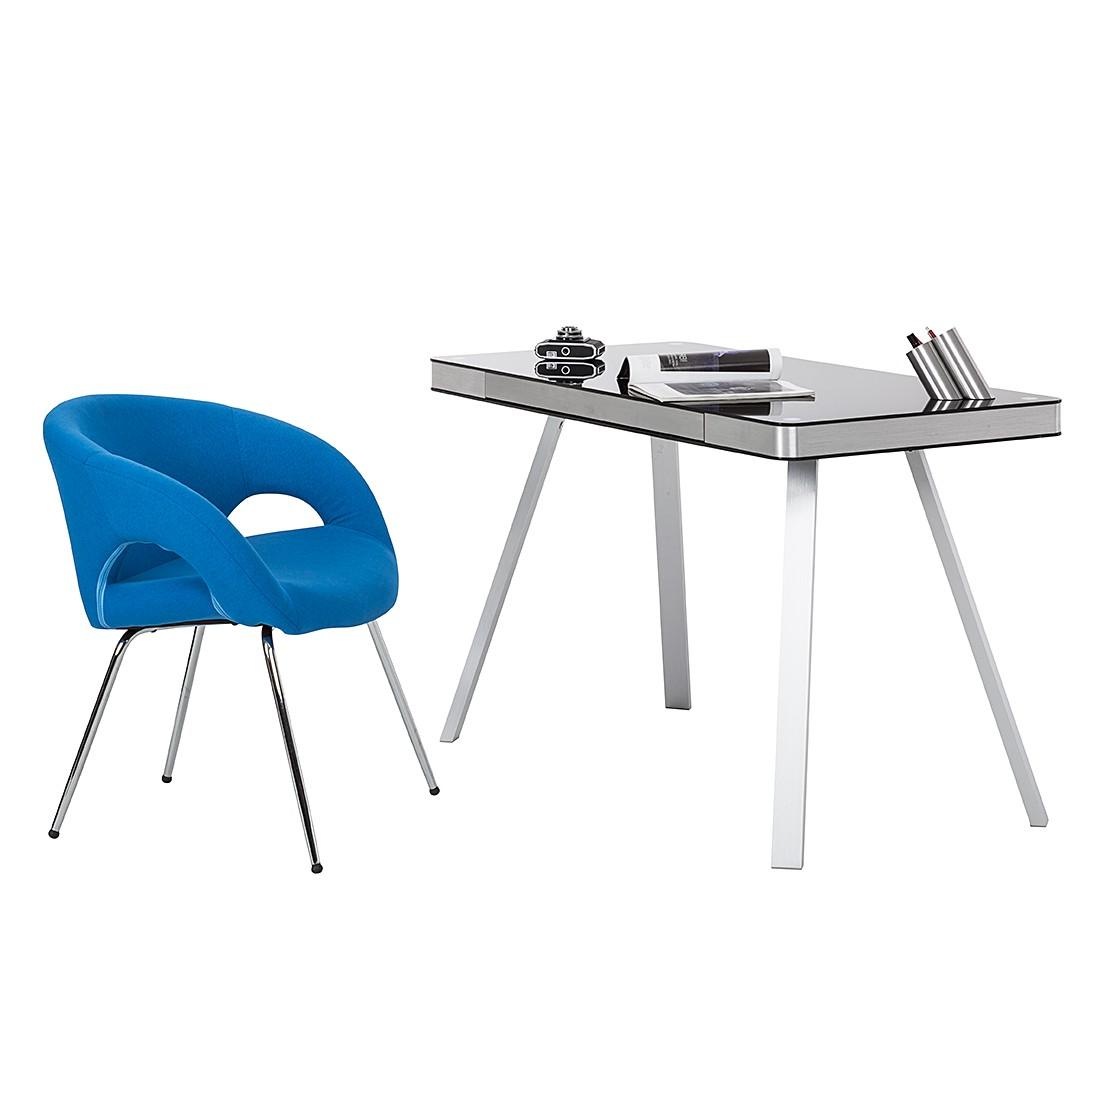 Schreibtischset III Smart Desk (2-teilig), Jahnke günstig online kaufen